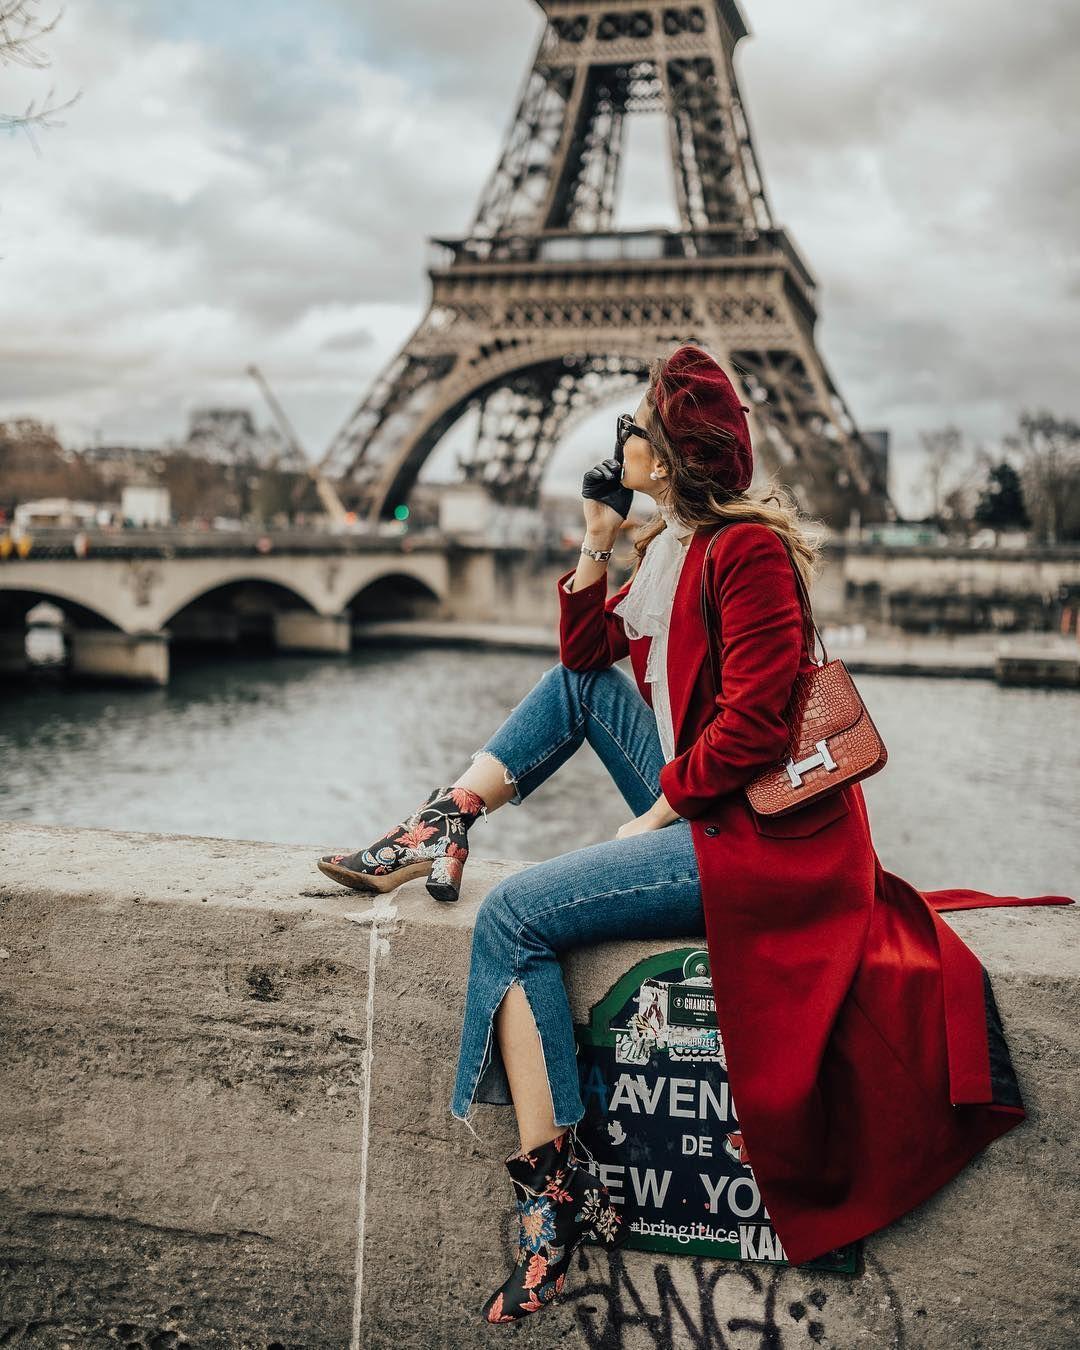 Фото в стиле парижа